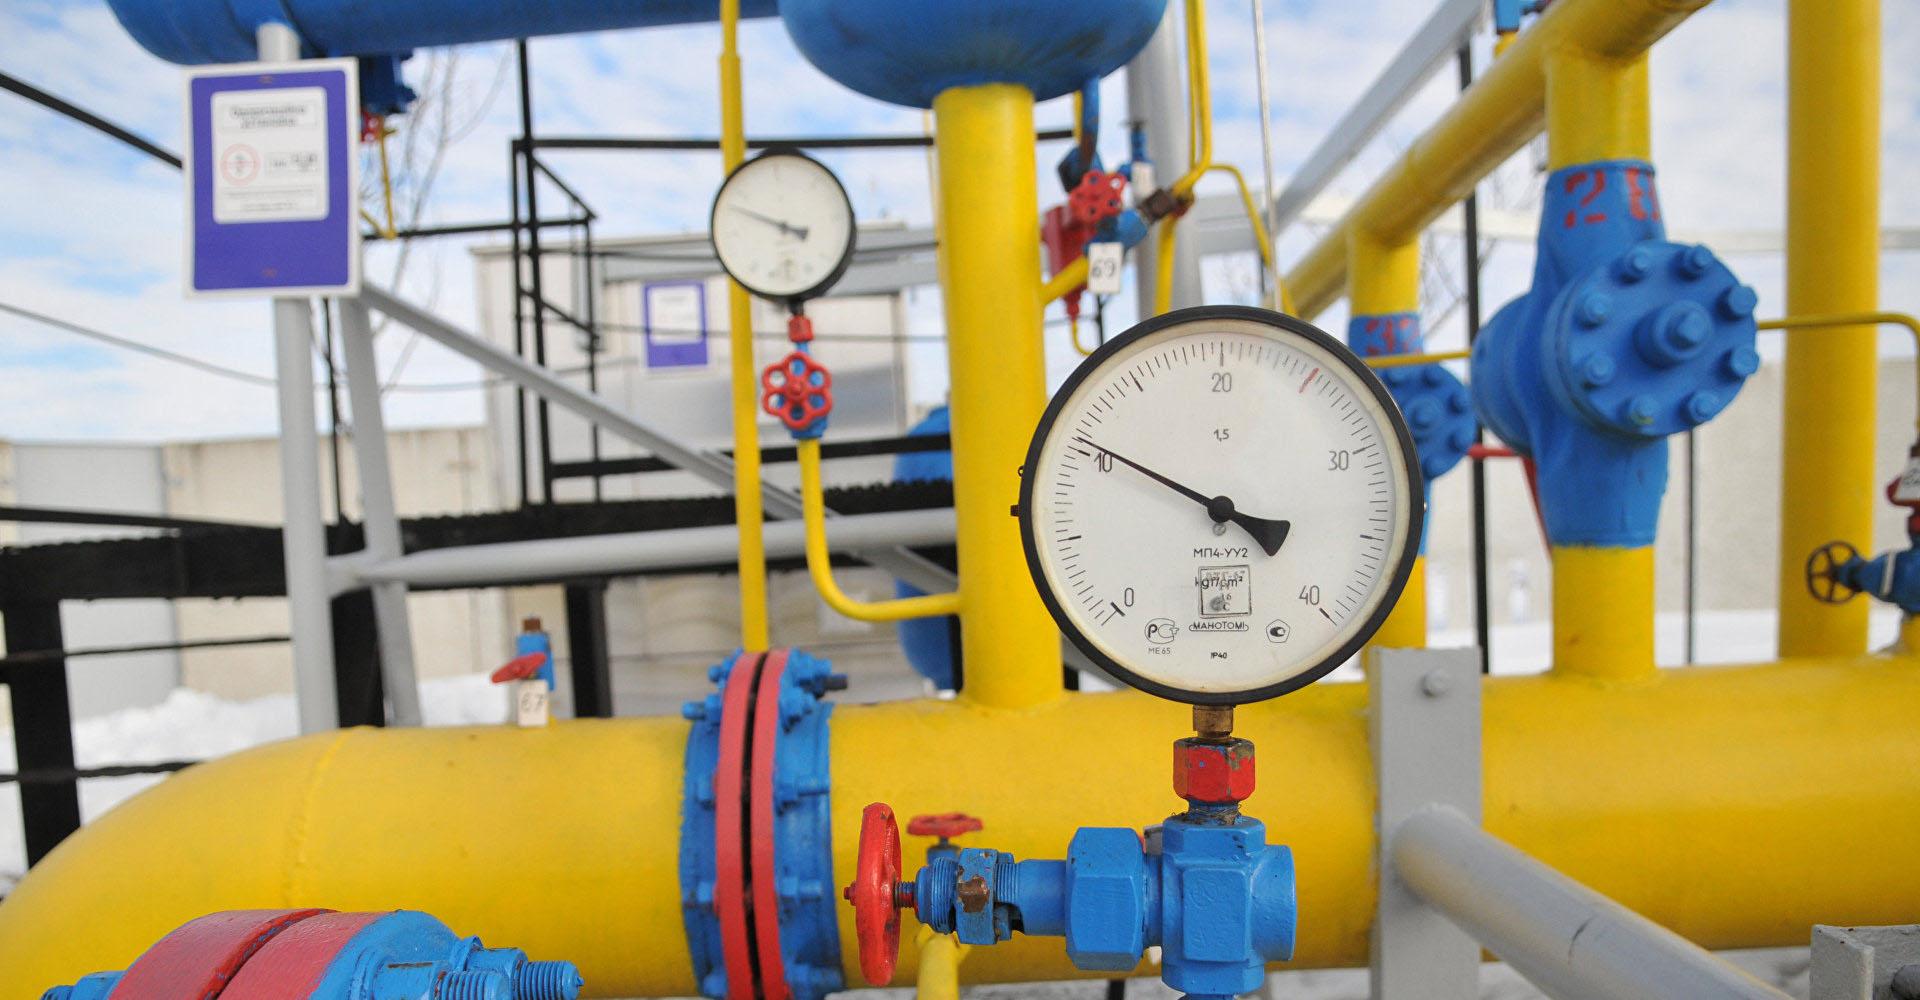 Ціна газу на українському ринку впала до позначки 186 доларів за 1 тис кубометрів починаючи з 3-го кварталу 2019-го року, що є мінімумом для останніх 10-ти років.